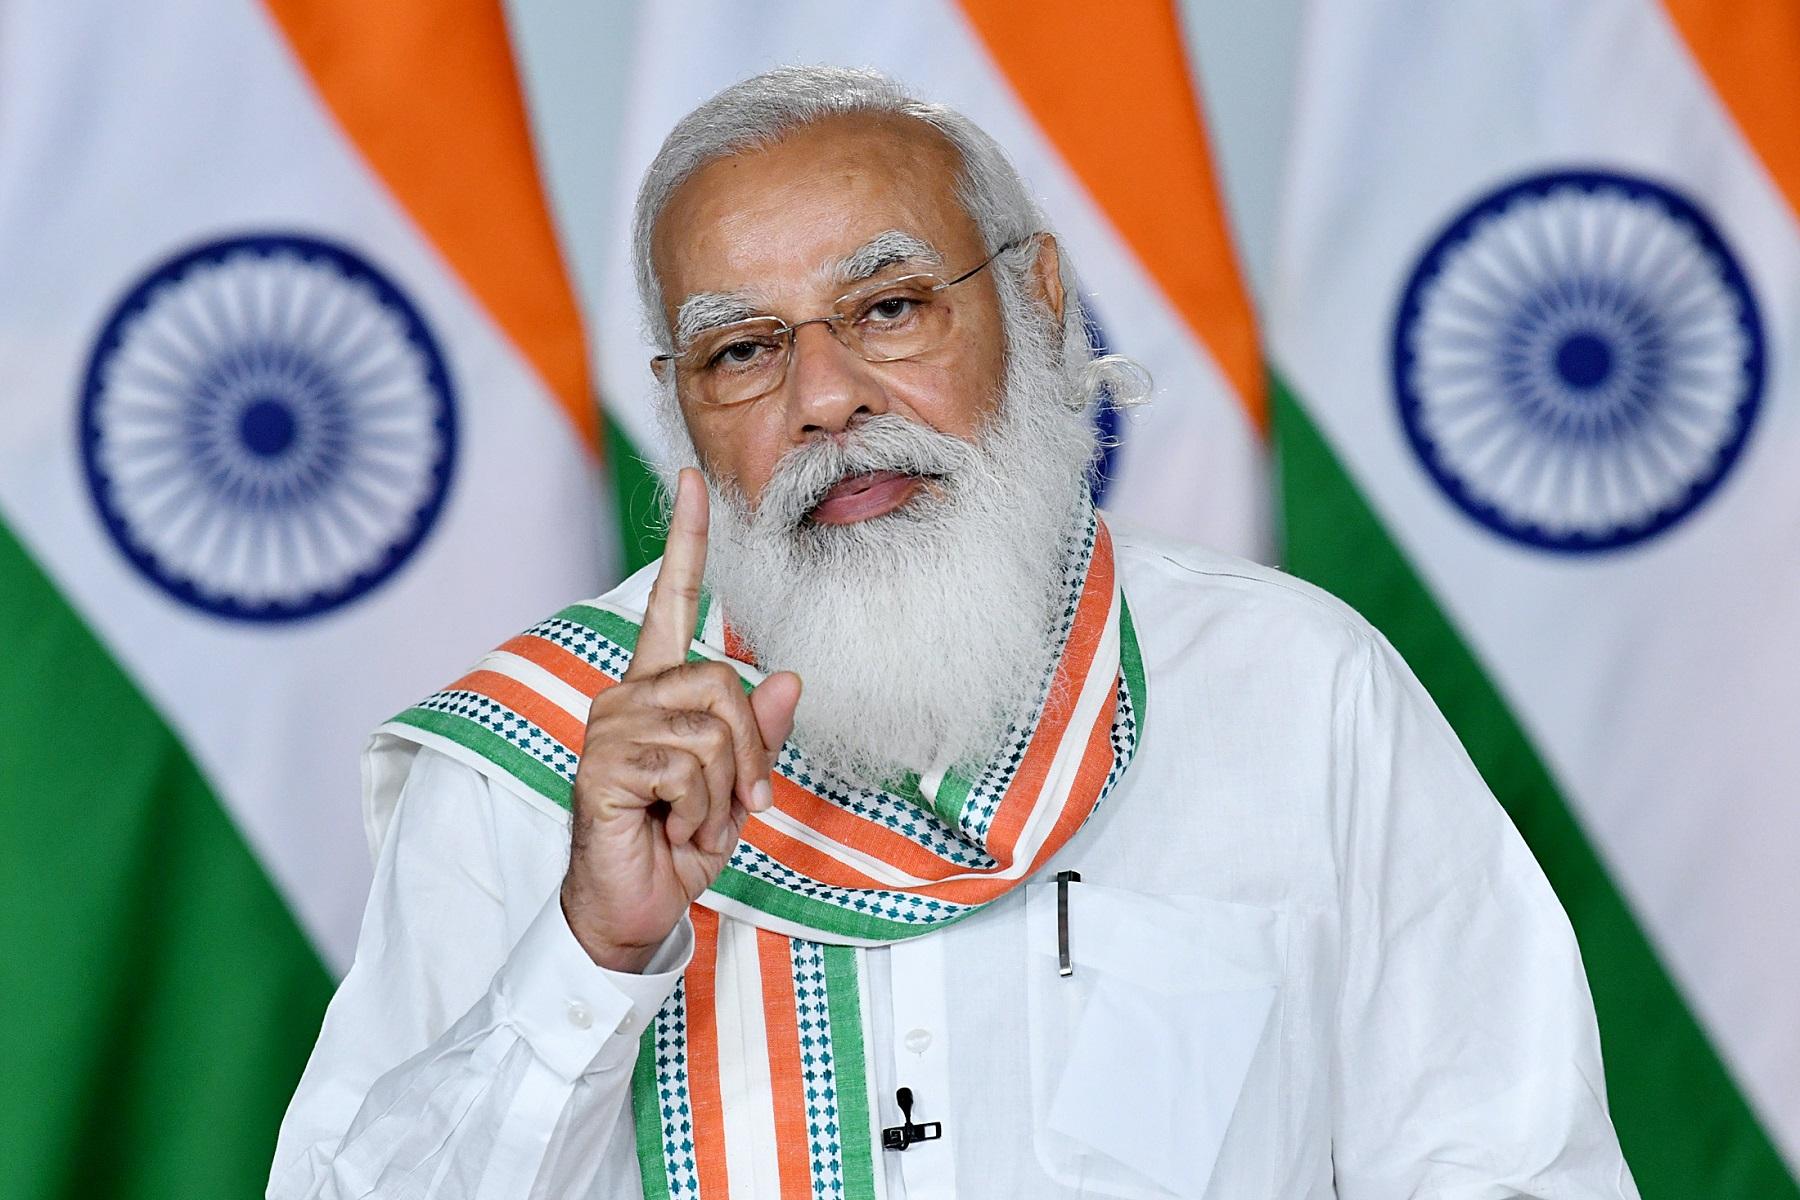 Πρωθυπουργός Ομιλία: Ο Μόντι της Ινδίας λέει ότι «αισθάνεται» τον πόνο του έθνους του λόγω covid